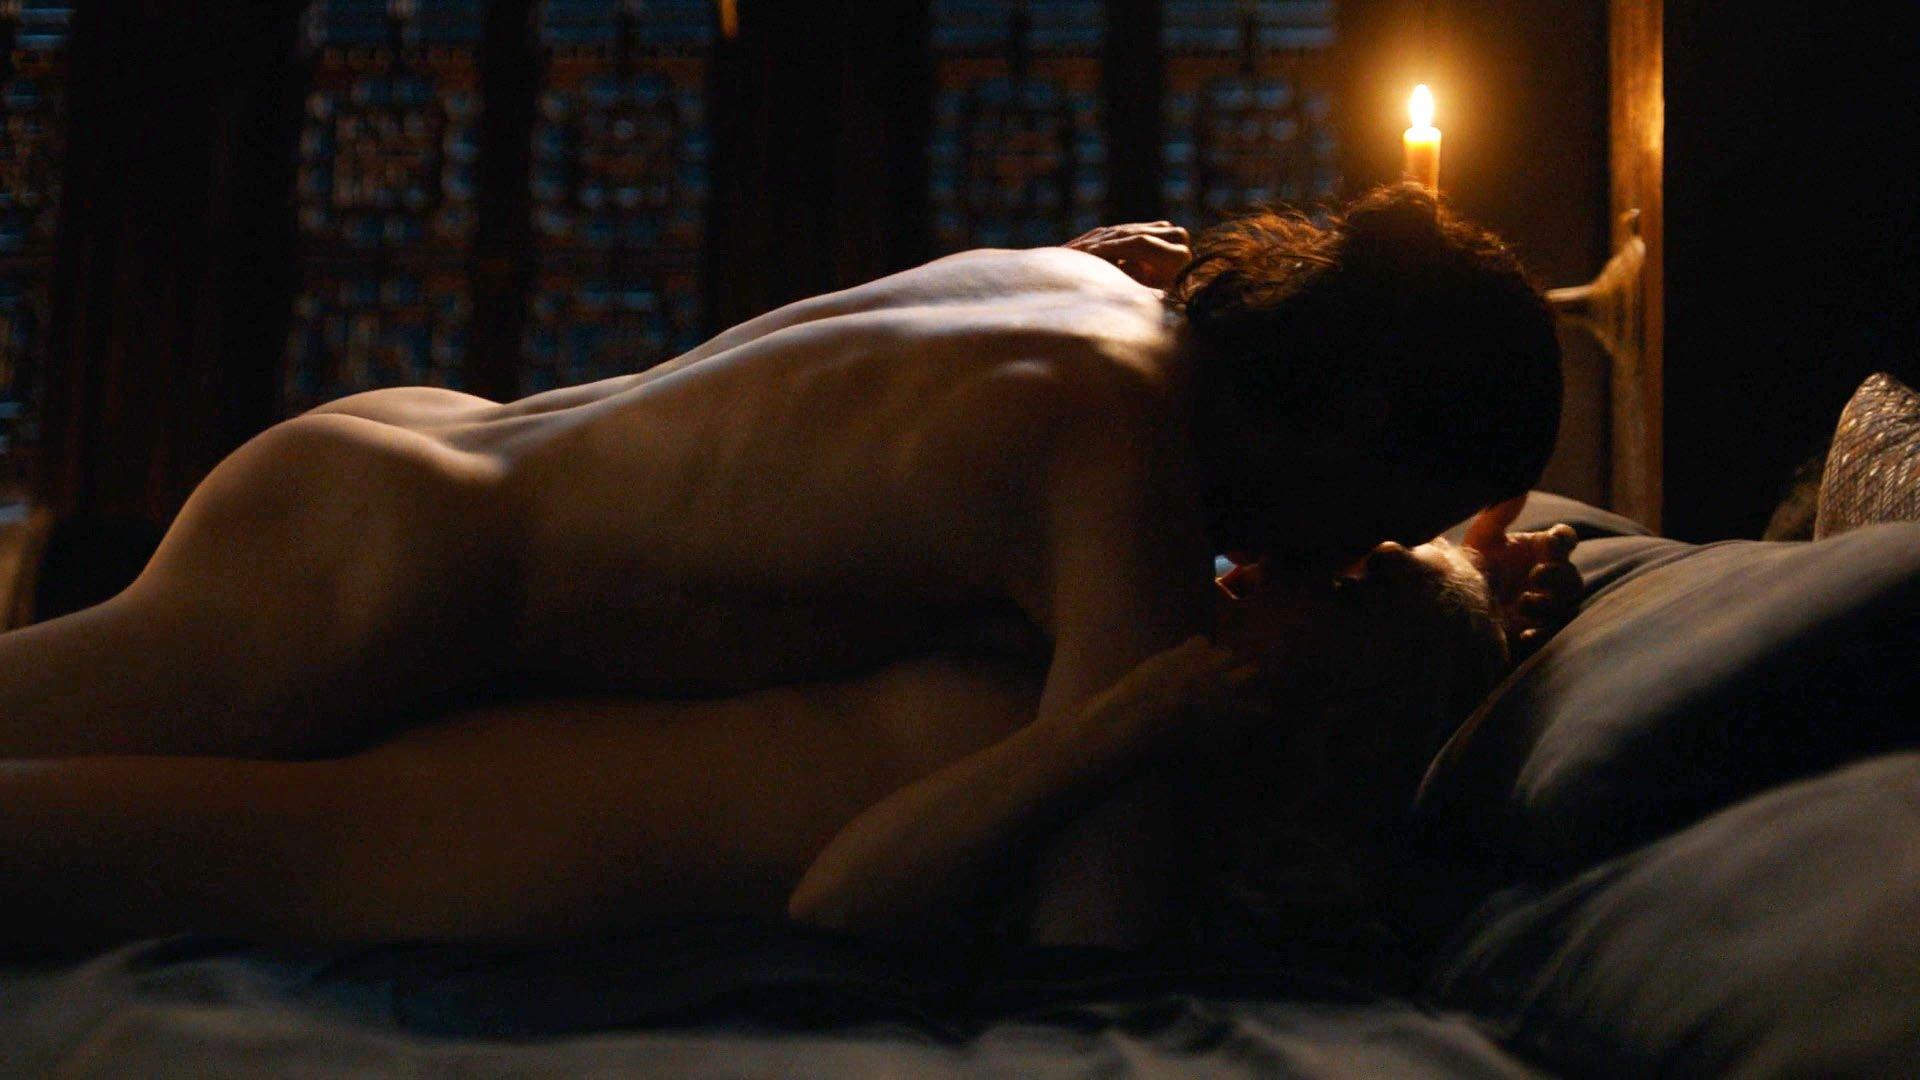 Emilia Clarke nude - Game of Thrones s07e07 (2017)